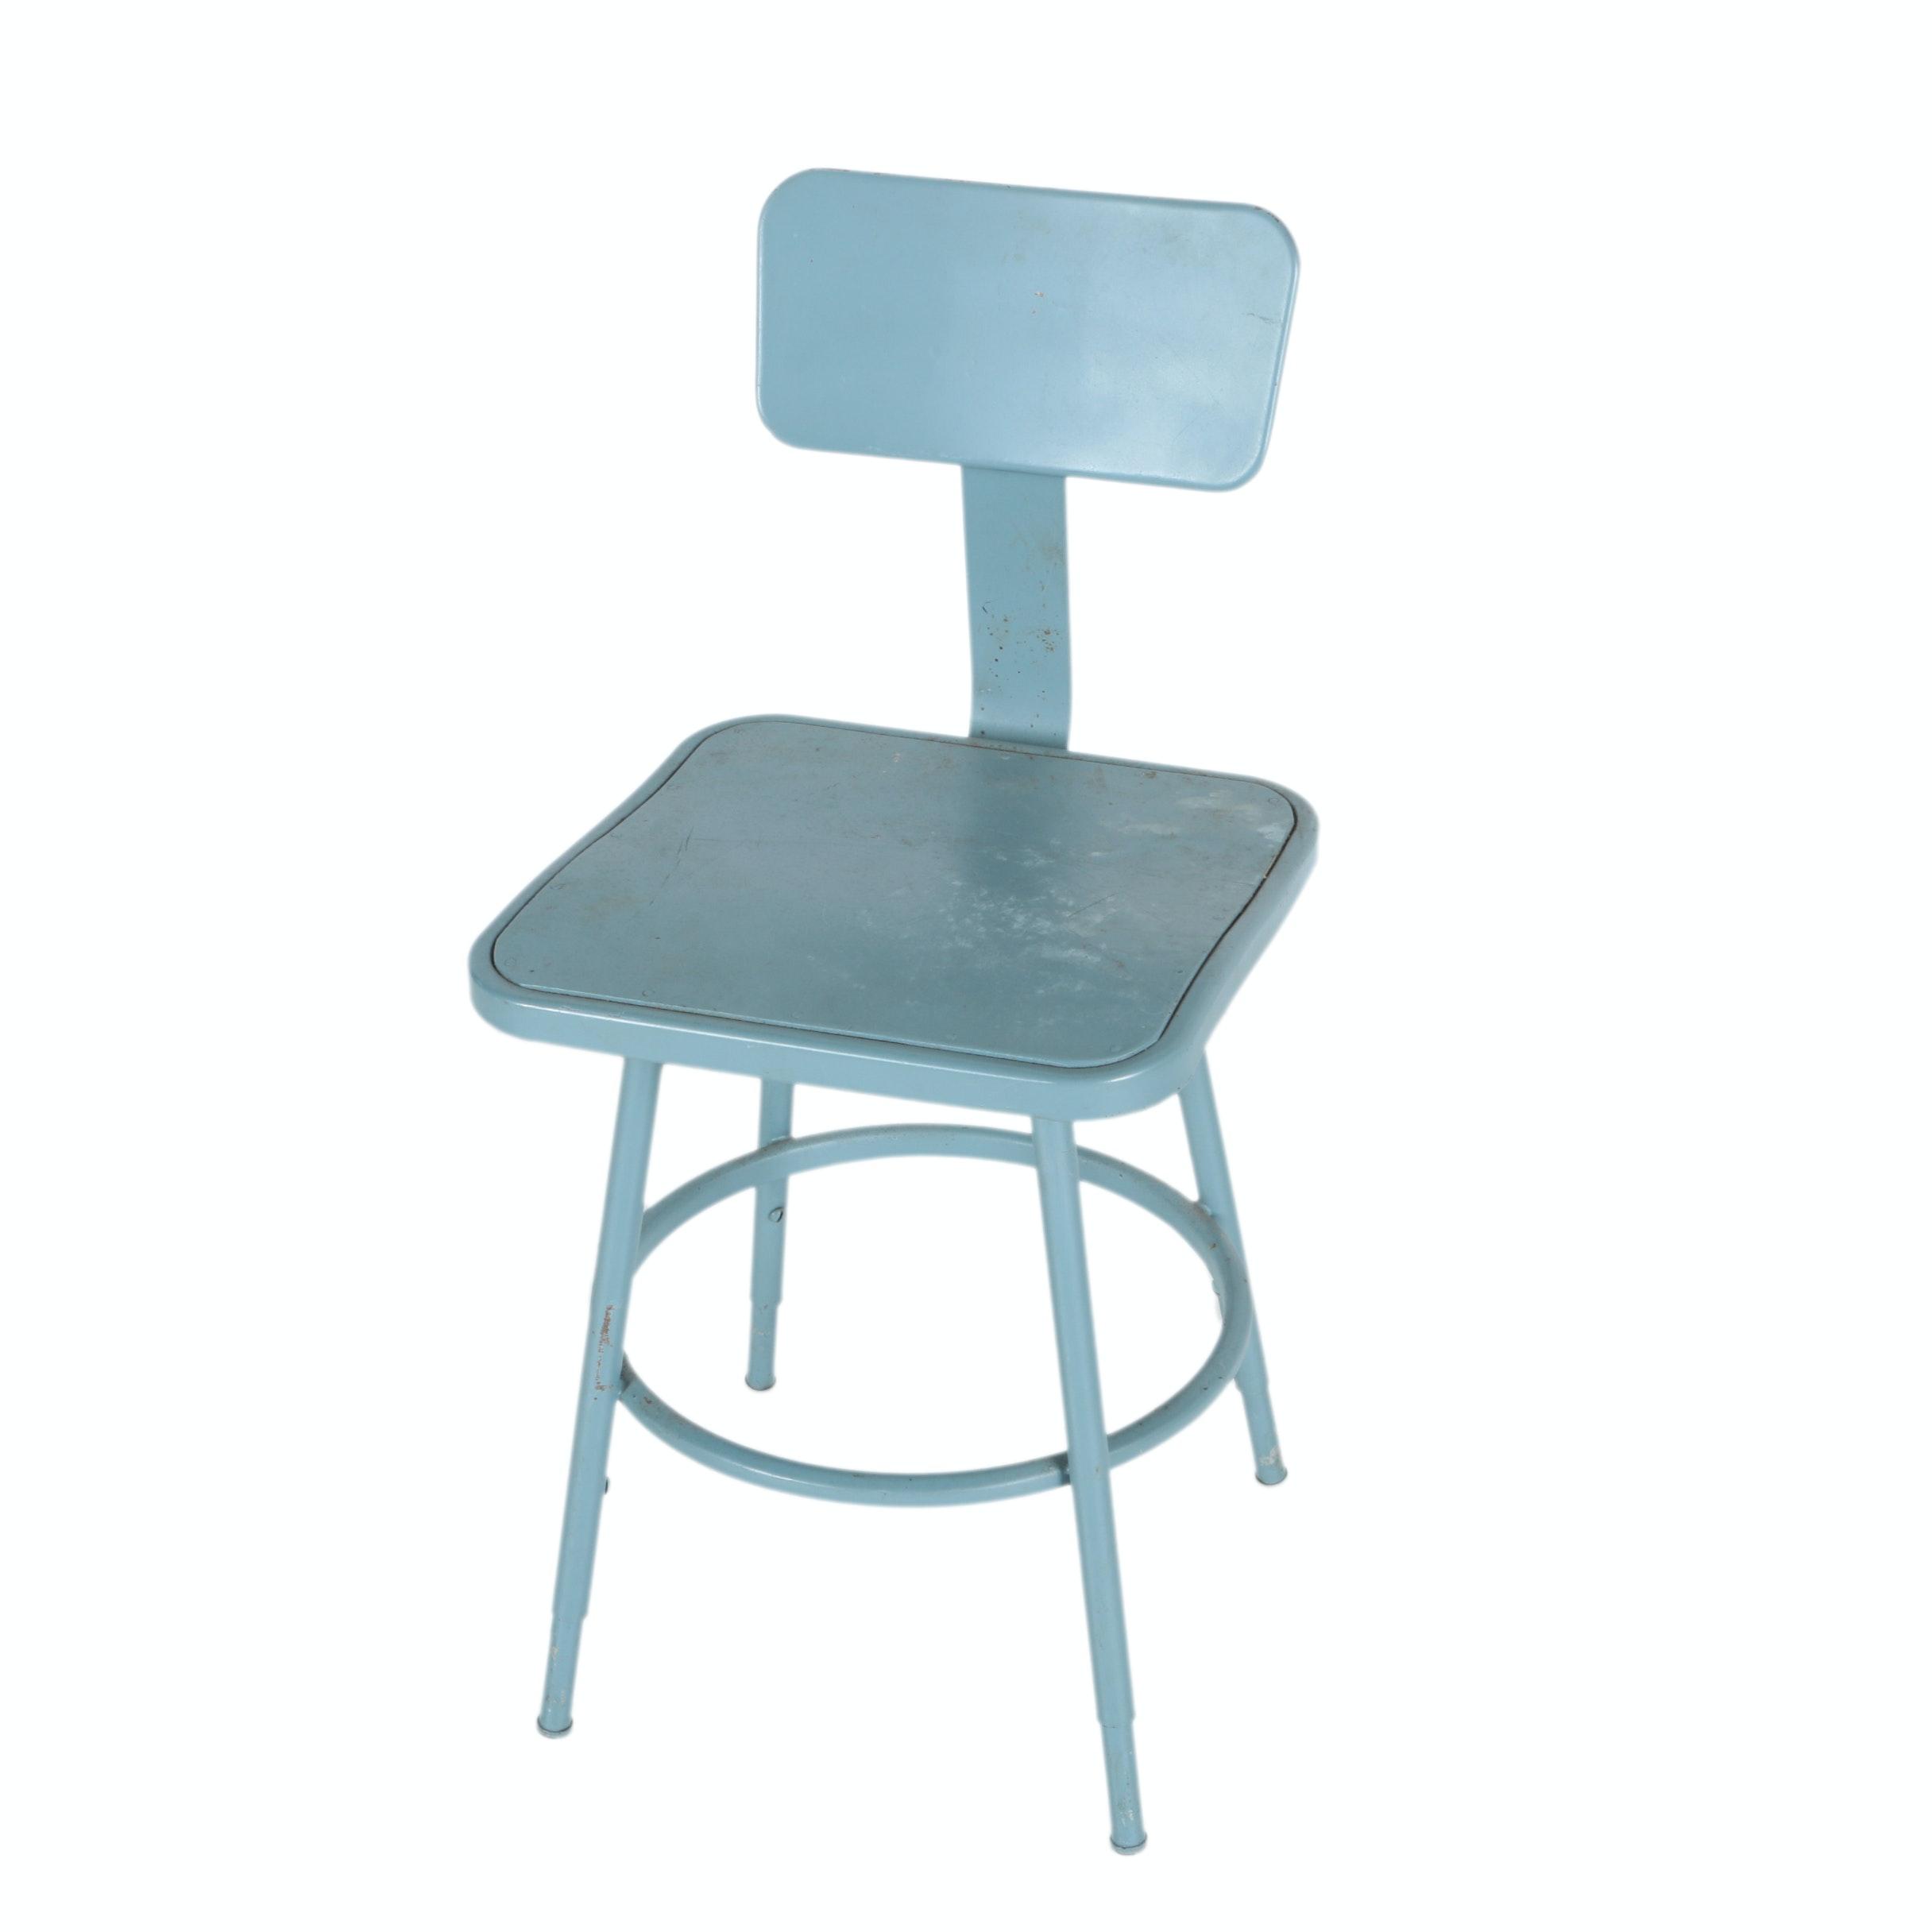 Vintage Mid Century Modern Industrial Metal Chair